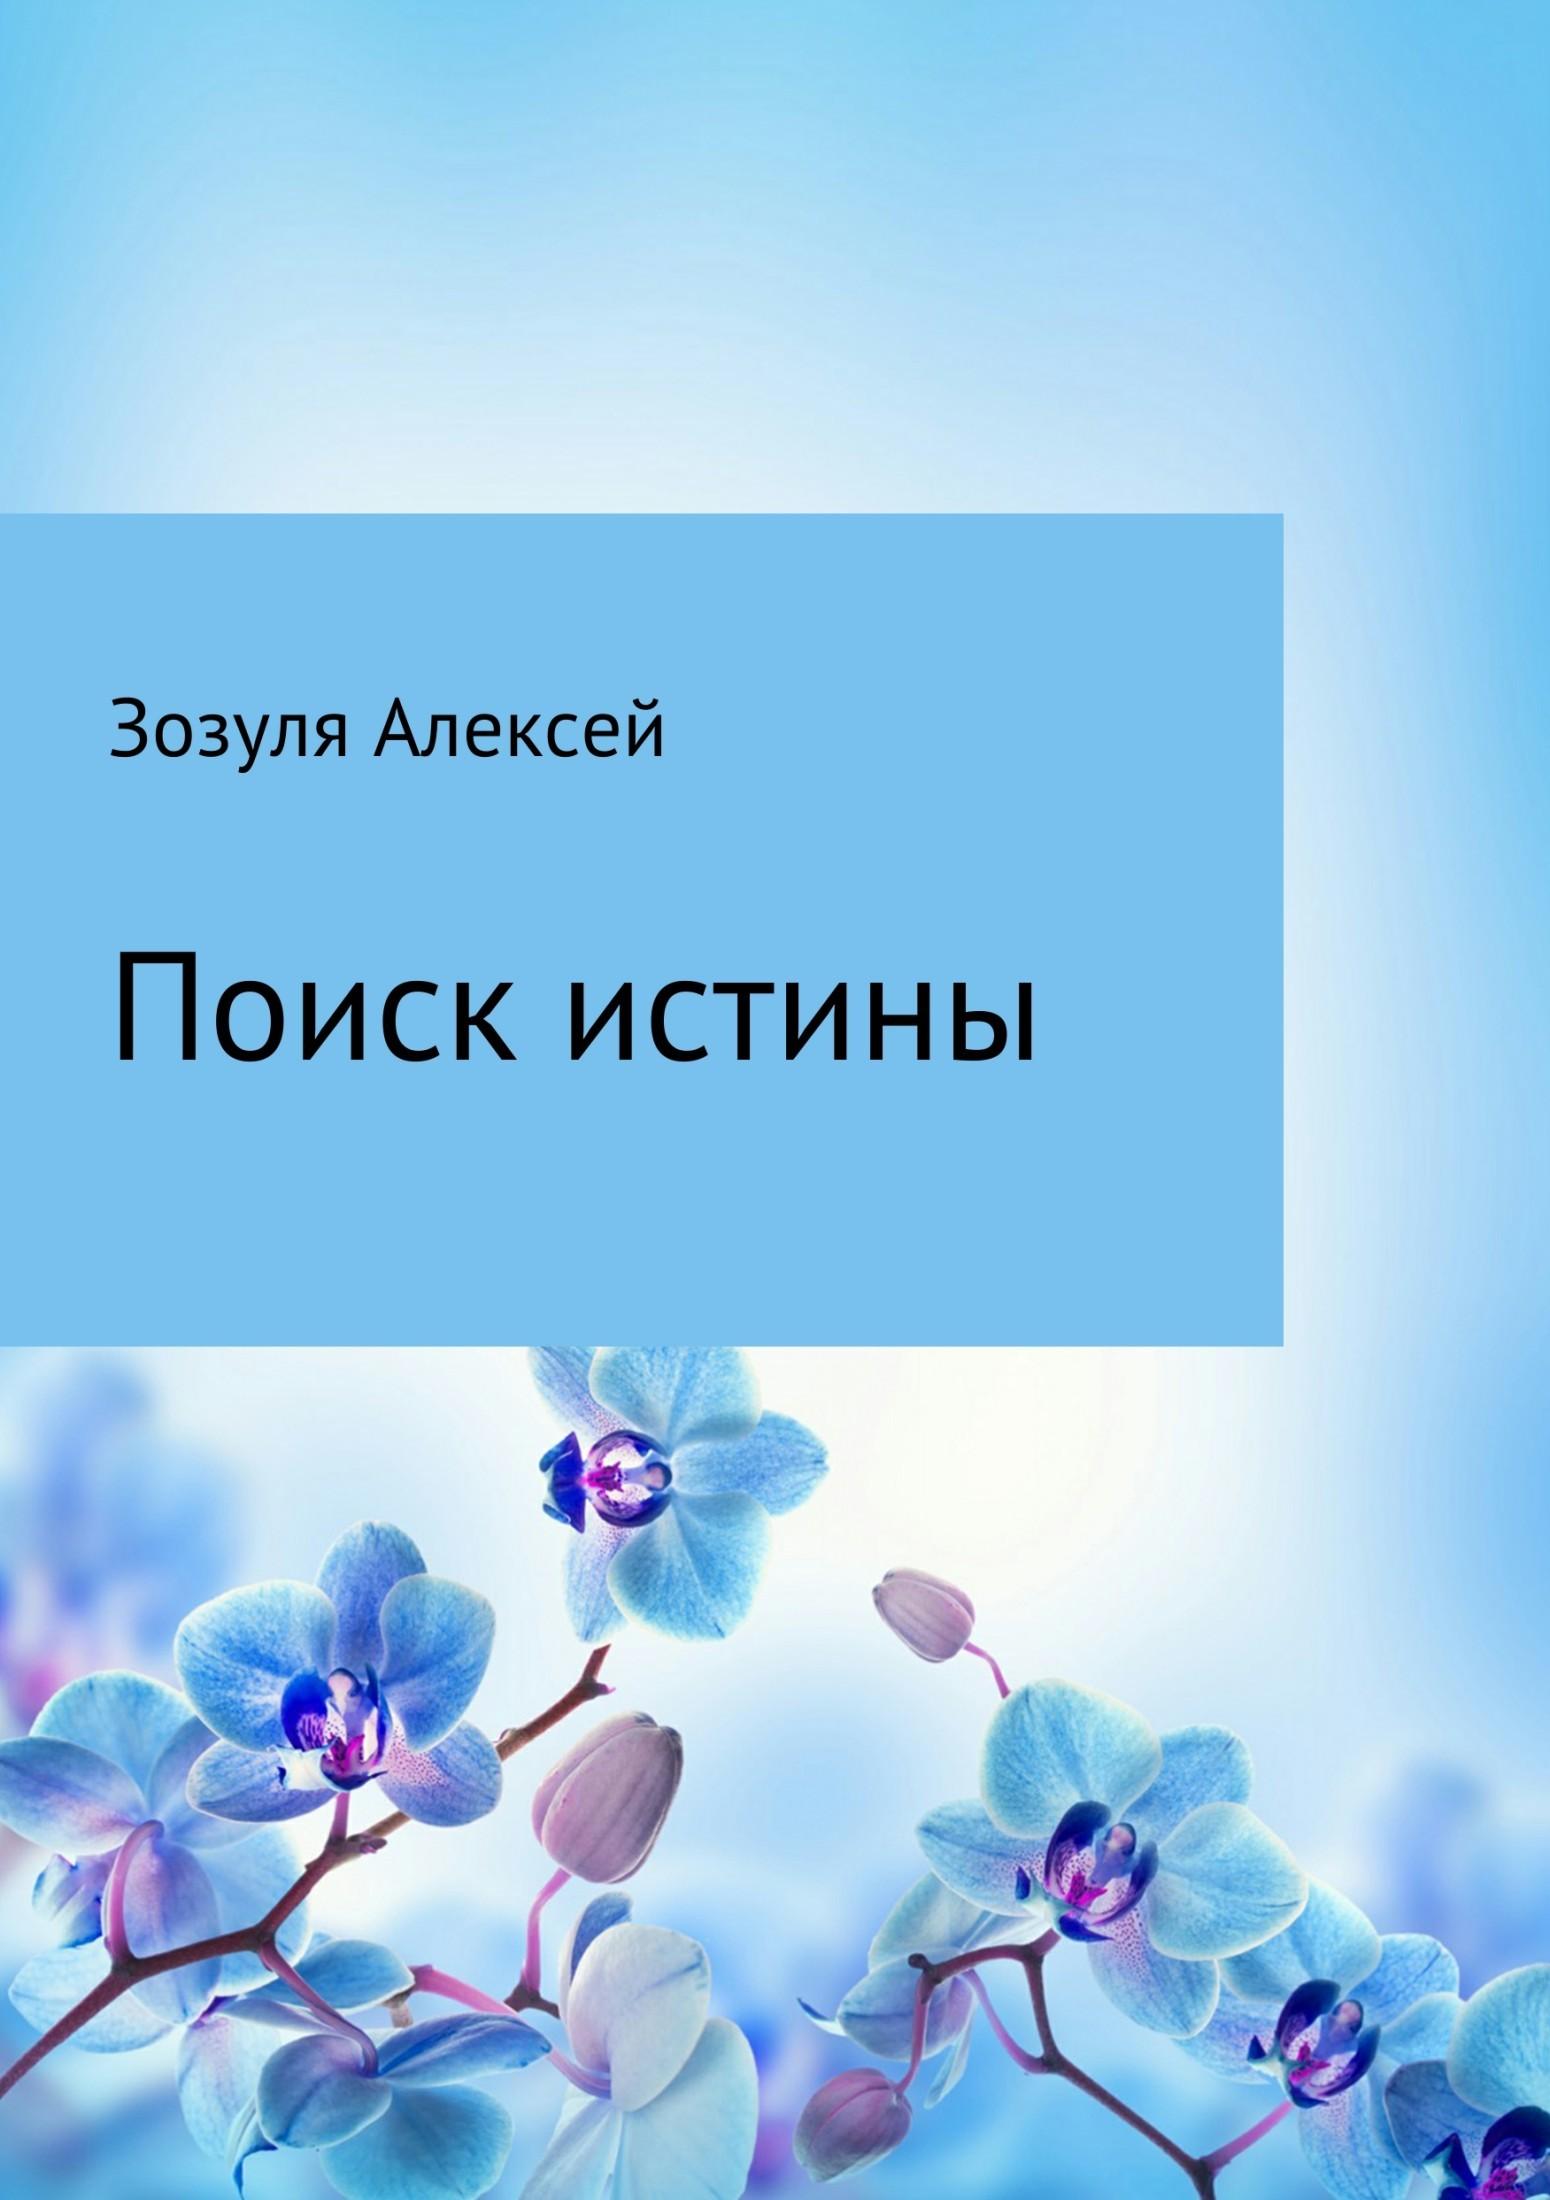 Алексей Юрьевич Зозуля. Поиск истины